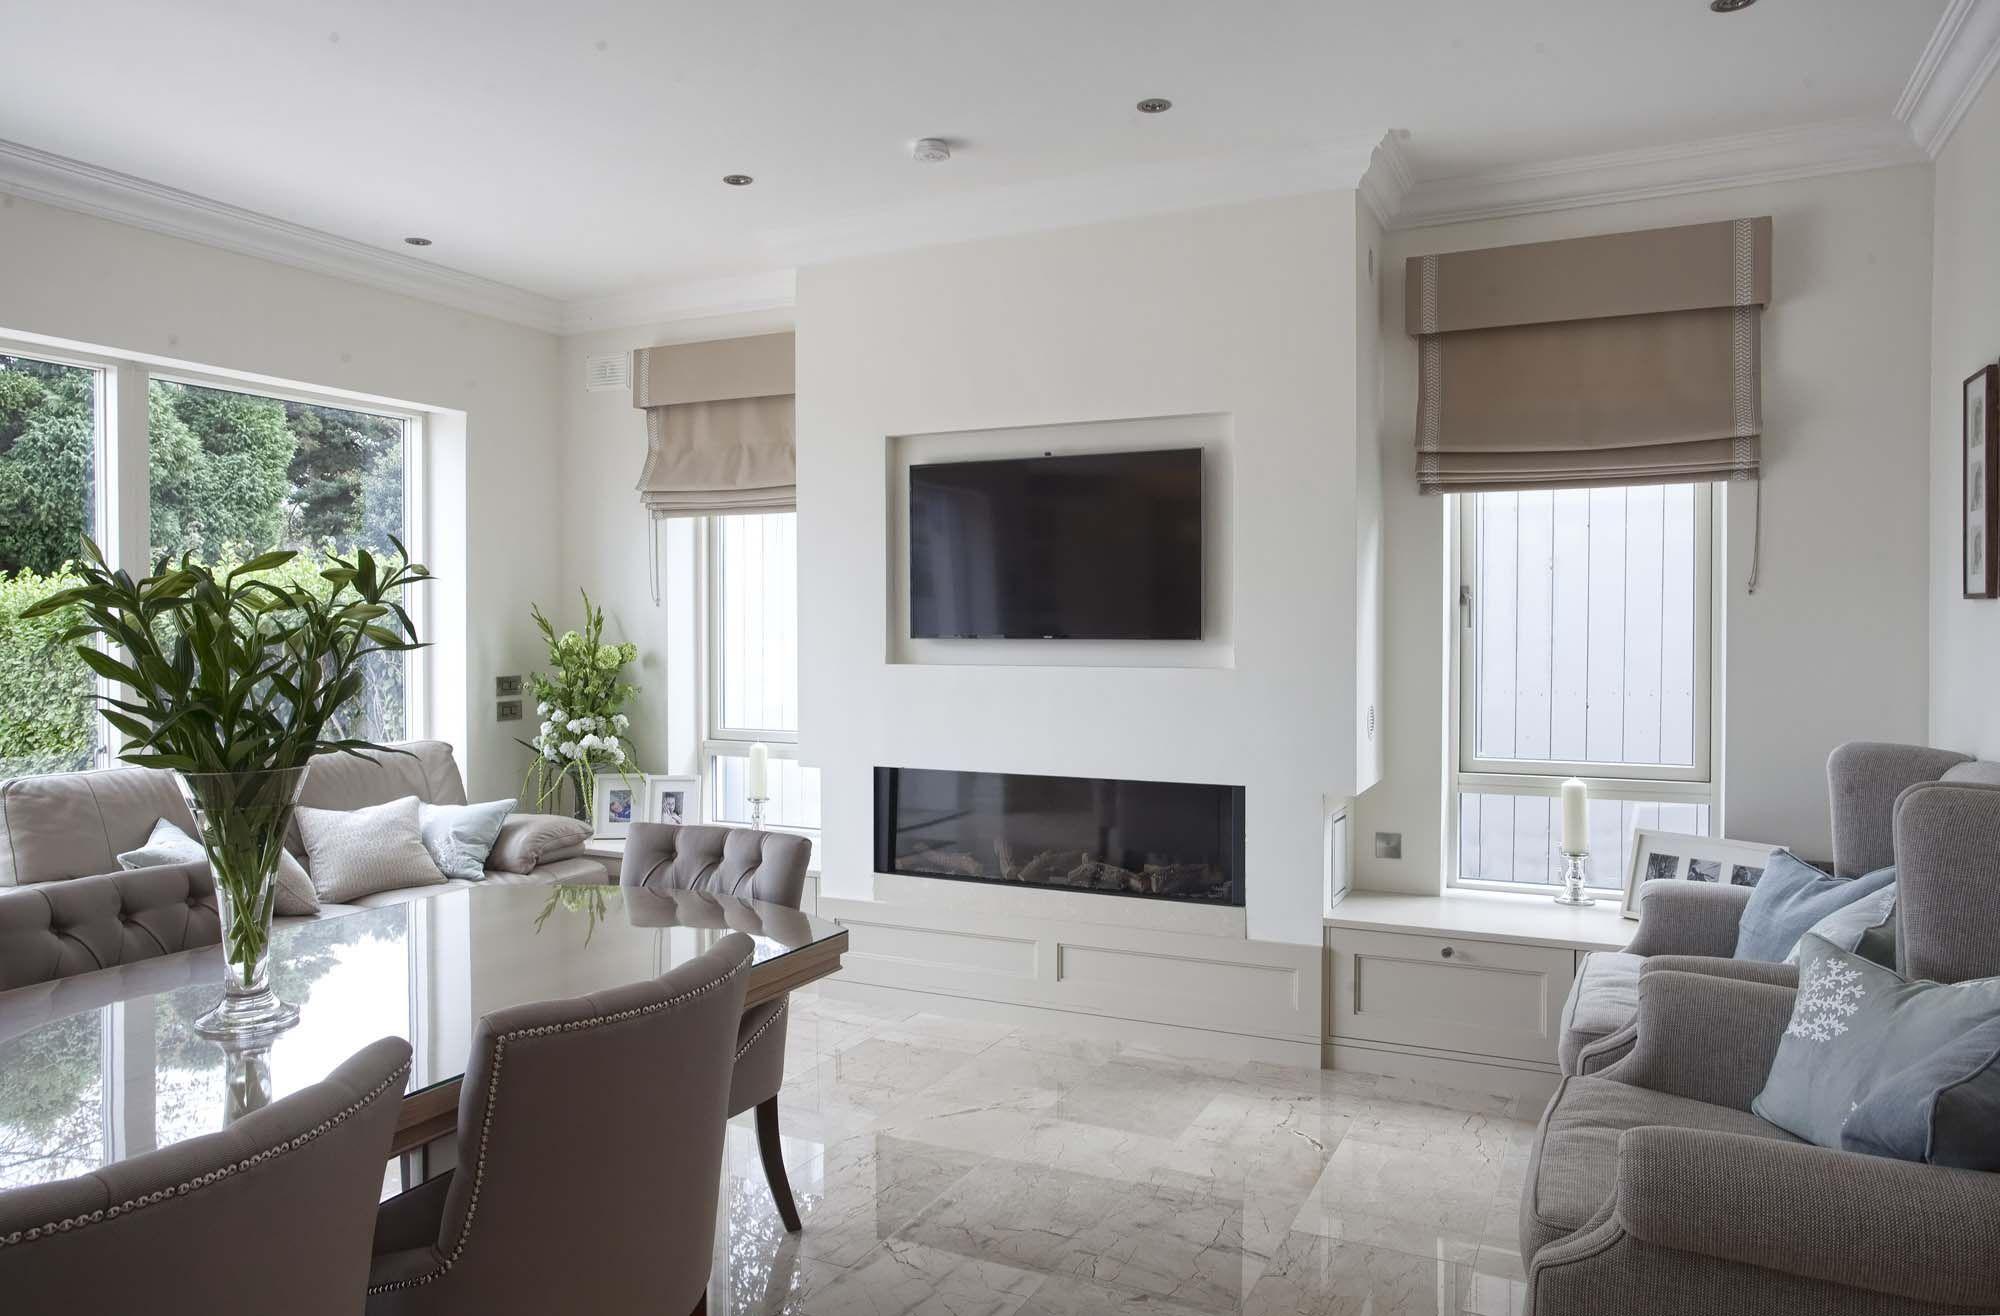 Kitchen Design Galway | Classical Interiors Ireland | Interior | Pinterest  | Interiors, Kitchens And Hamptons Kitchen